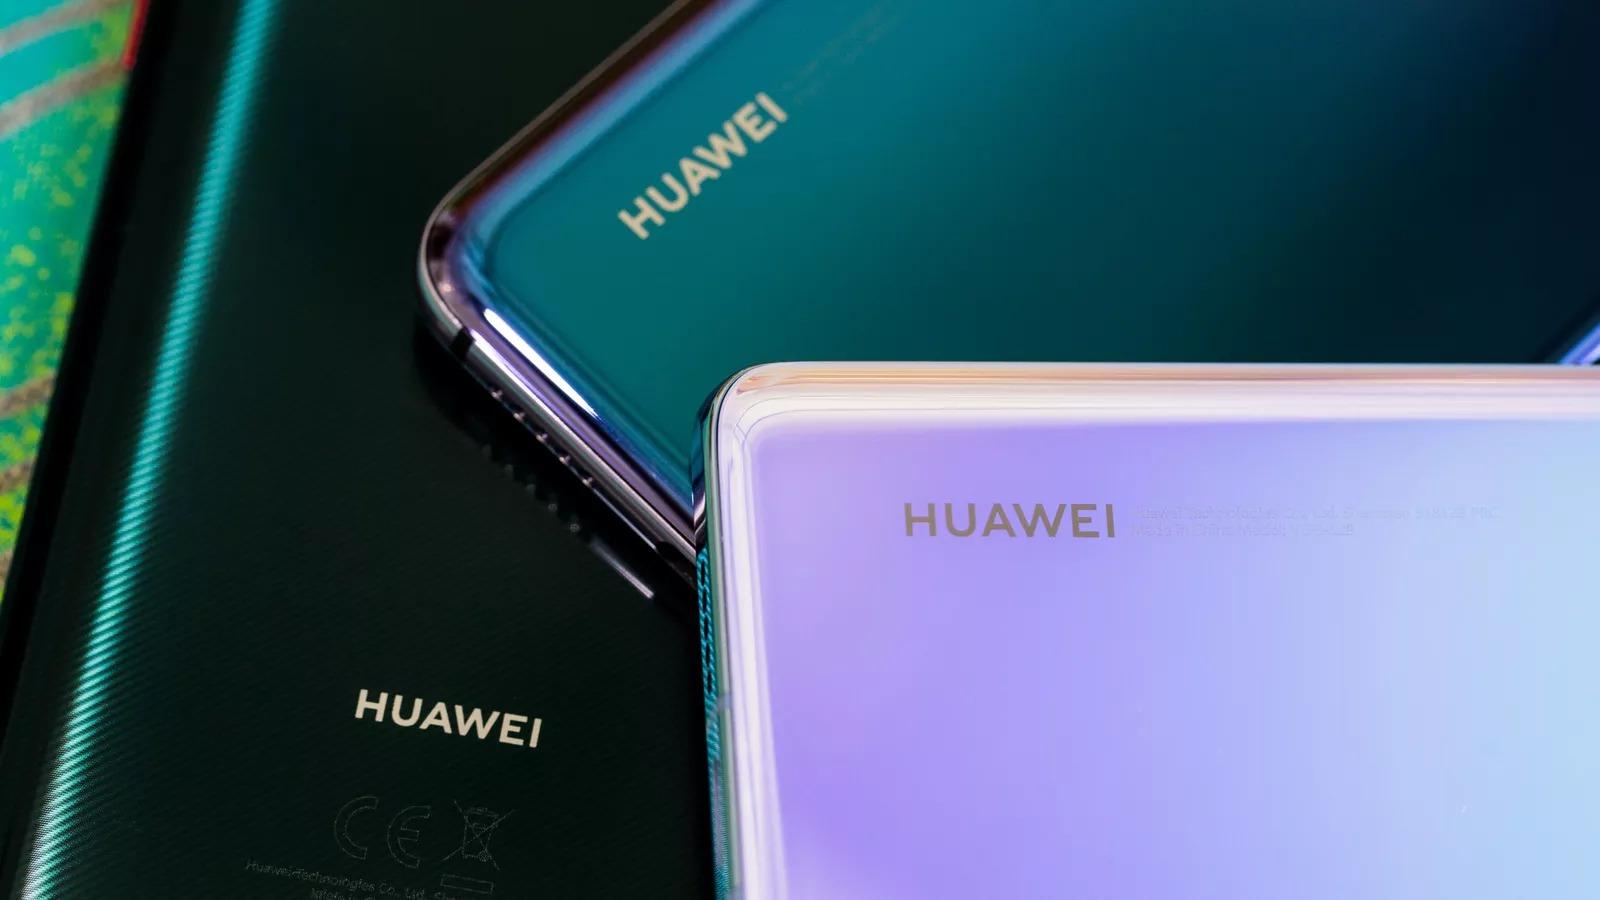 Huawei nộp đơn đăng ký nhãn hiệu